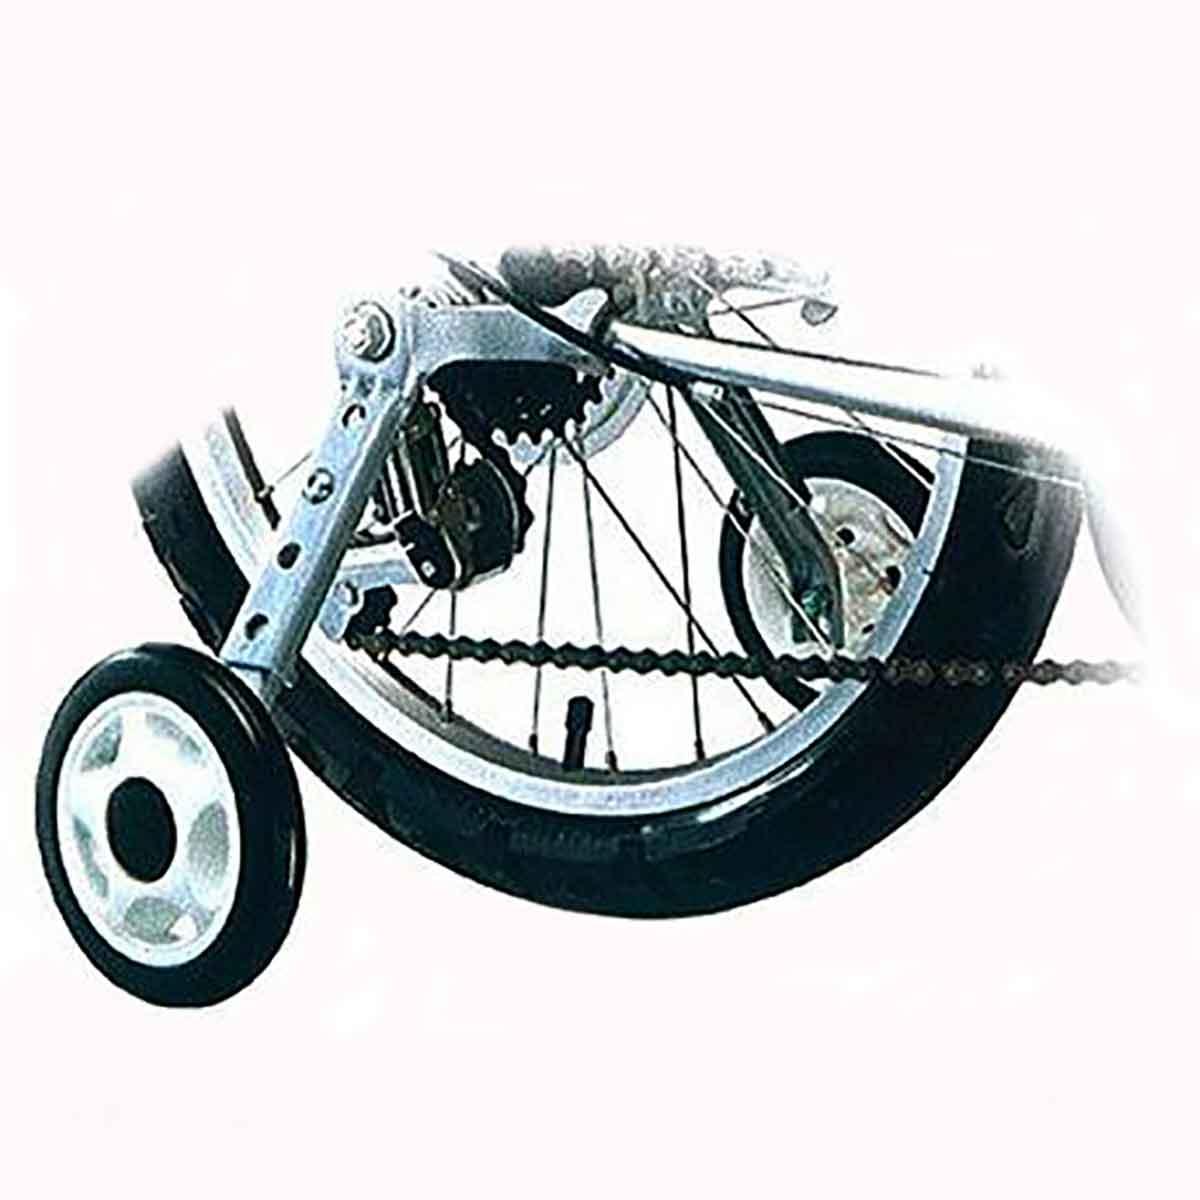 Rodinha Lateral Com Regulagem Importada Para Bicicletas Com Câmbio - Aro 16/24